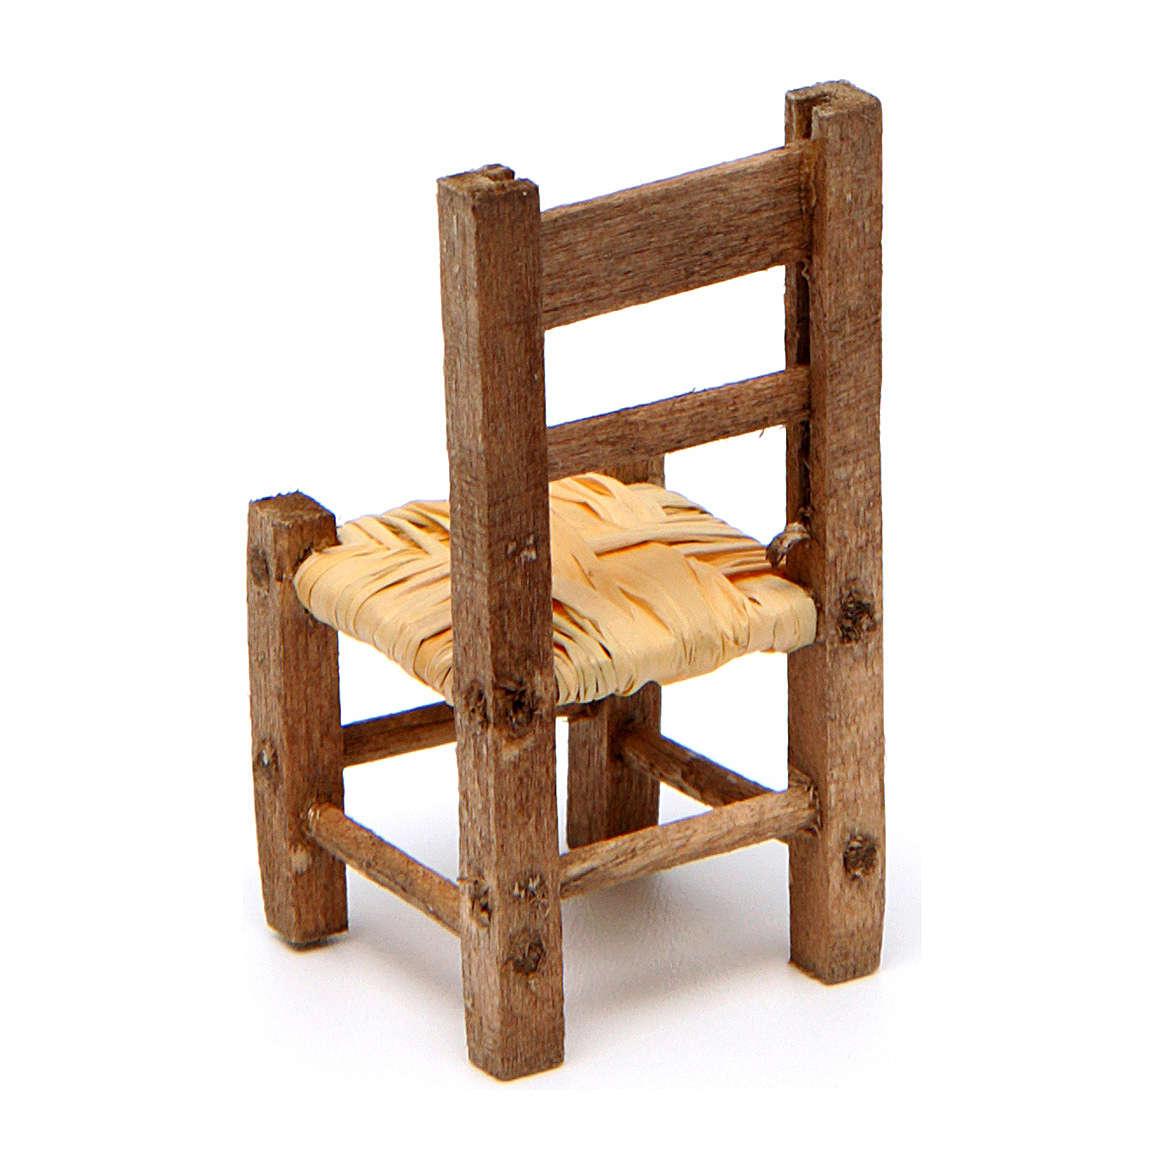 Sedia presepe impagliata in legno 3,5x2x2 cm 4